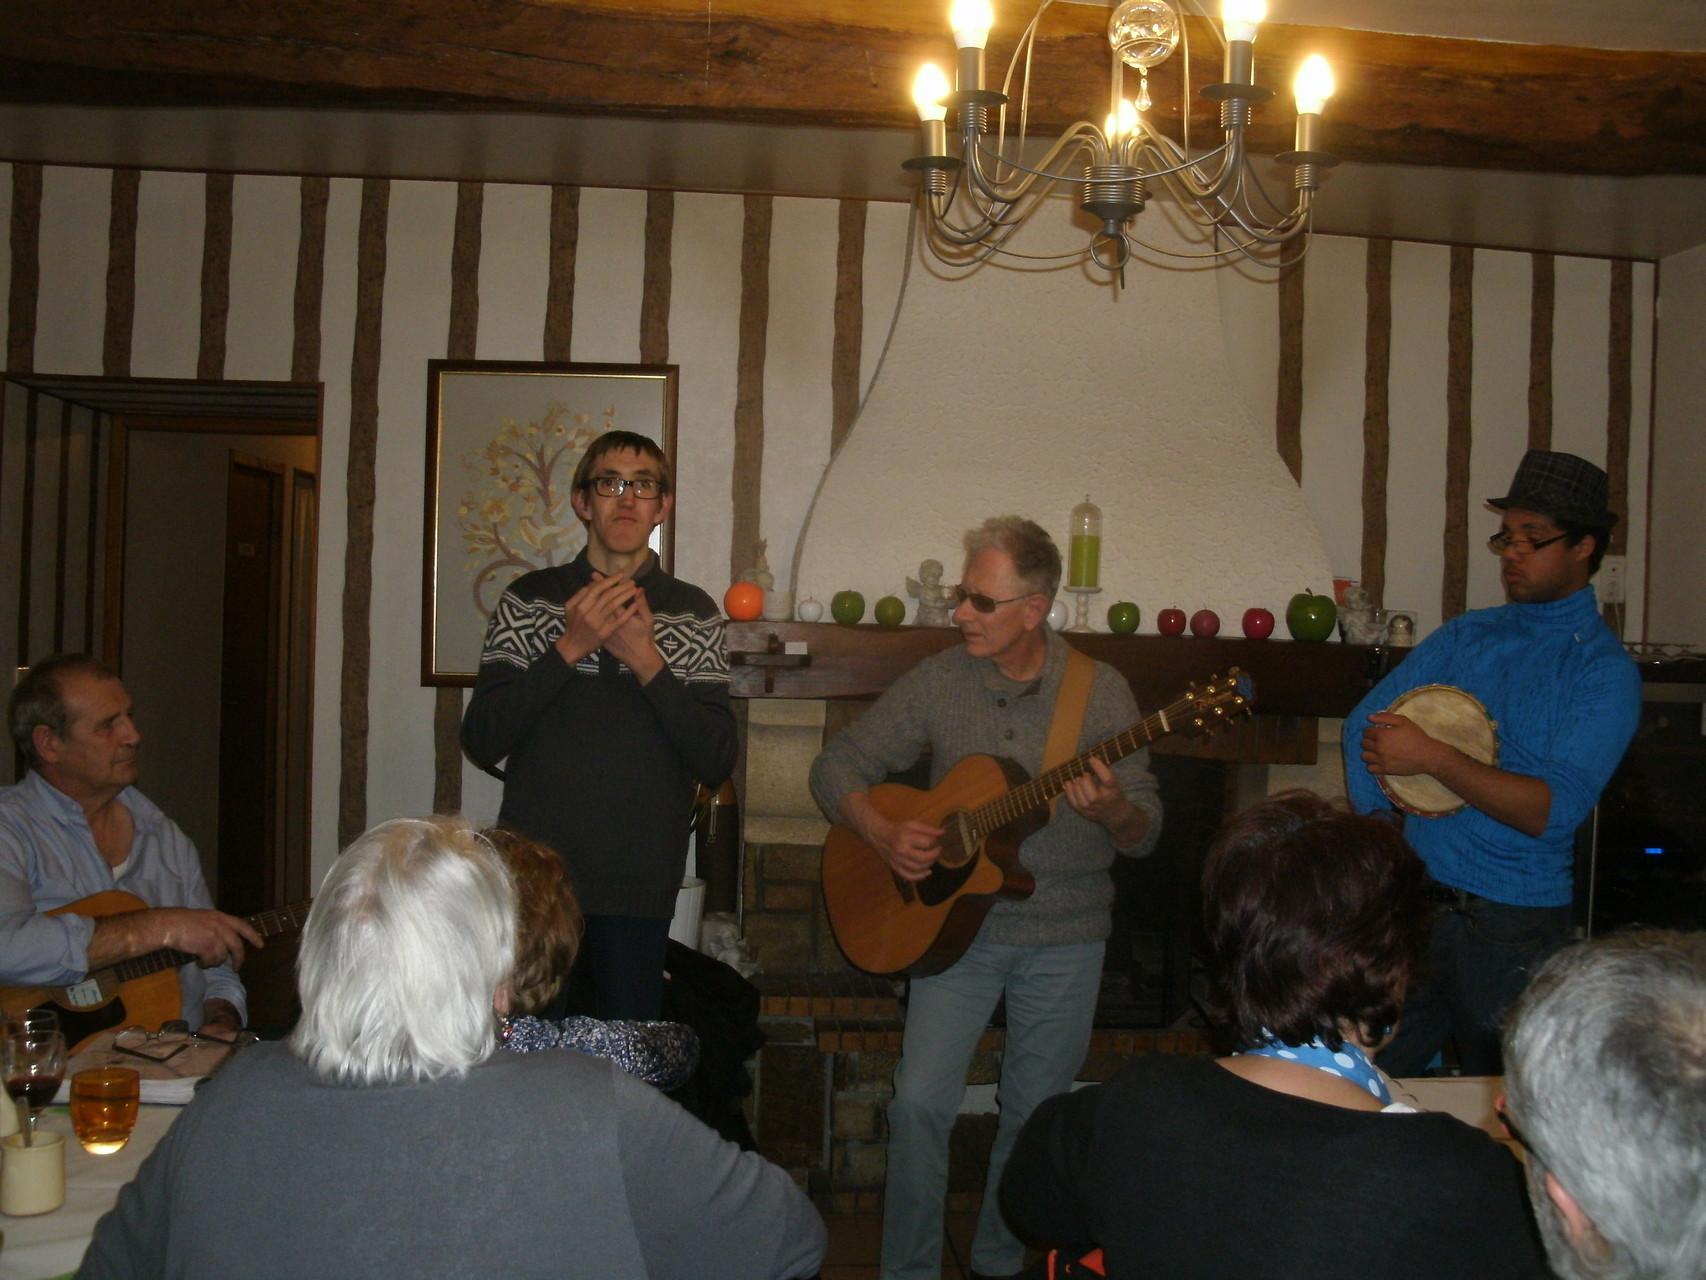 Après le repas,nous chantons accompagnés